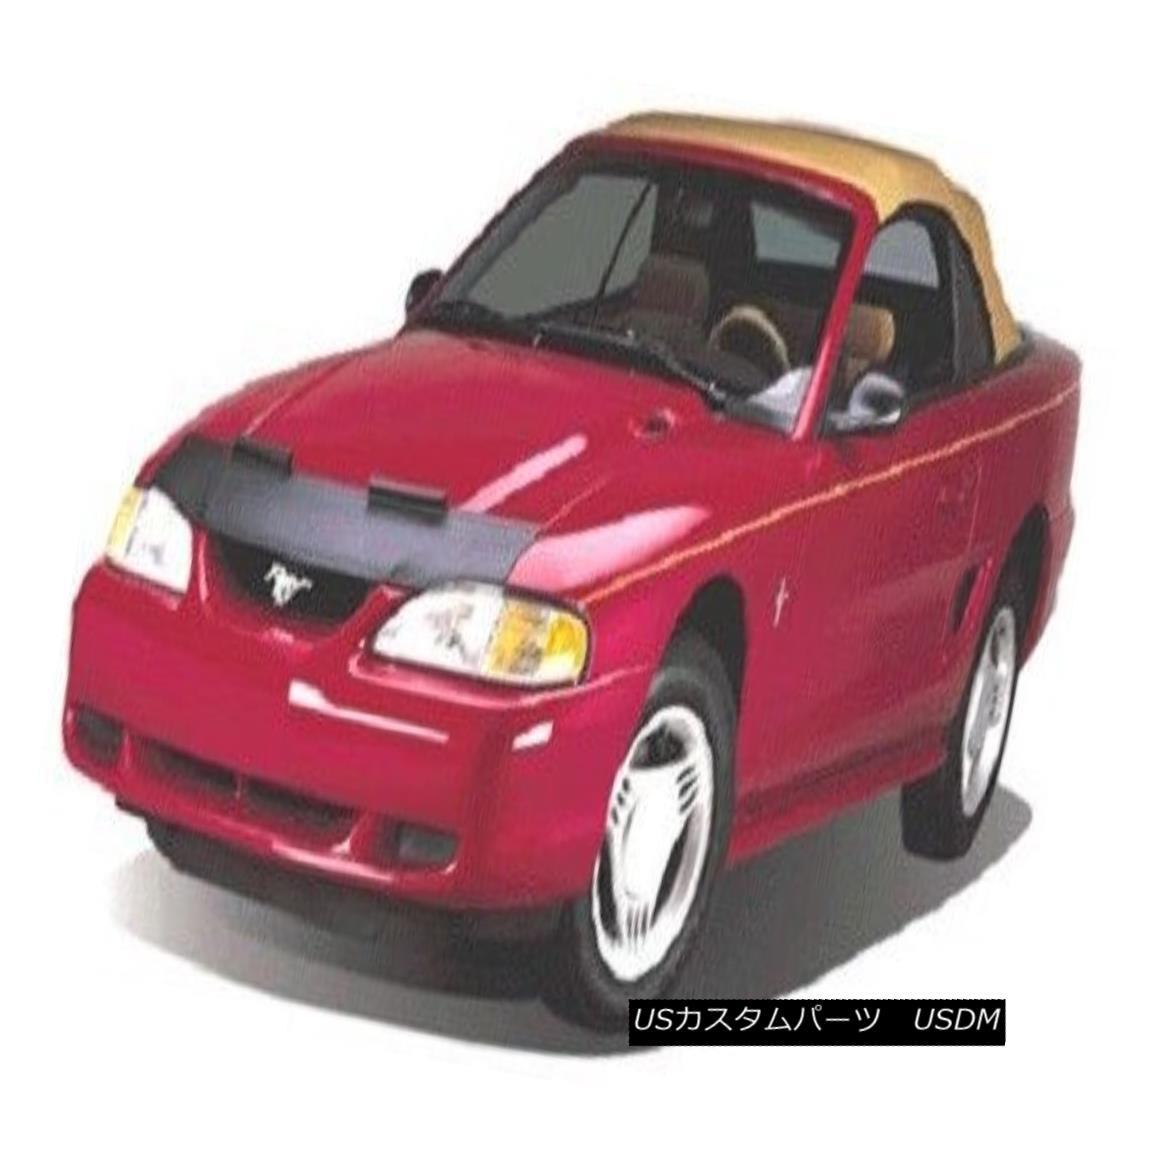 フルブラ ノーズブラ Lebra Hood Protector Mini Mask Bra Fits Pontiac Aztex 2001 thru. 2005 01-05 LebraフードプロテクターミニマスクブラはPontiac Aztek 2001 throughに適合します。 2005年01月05日